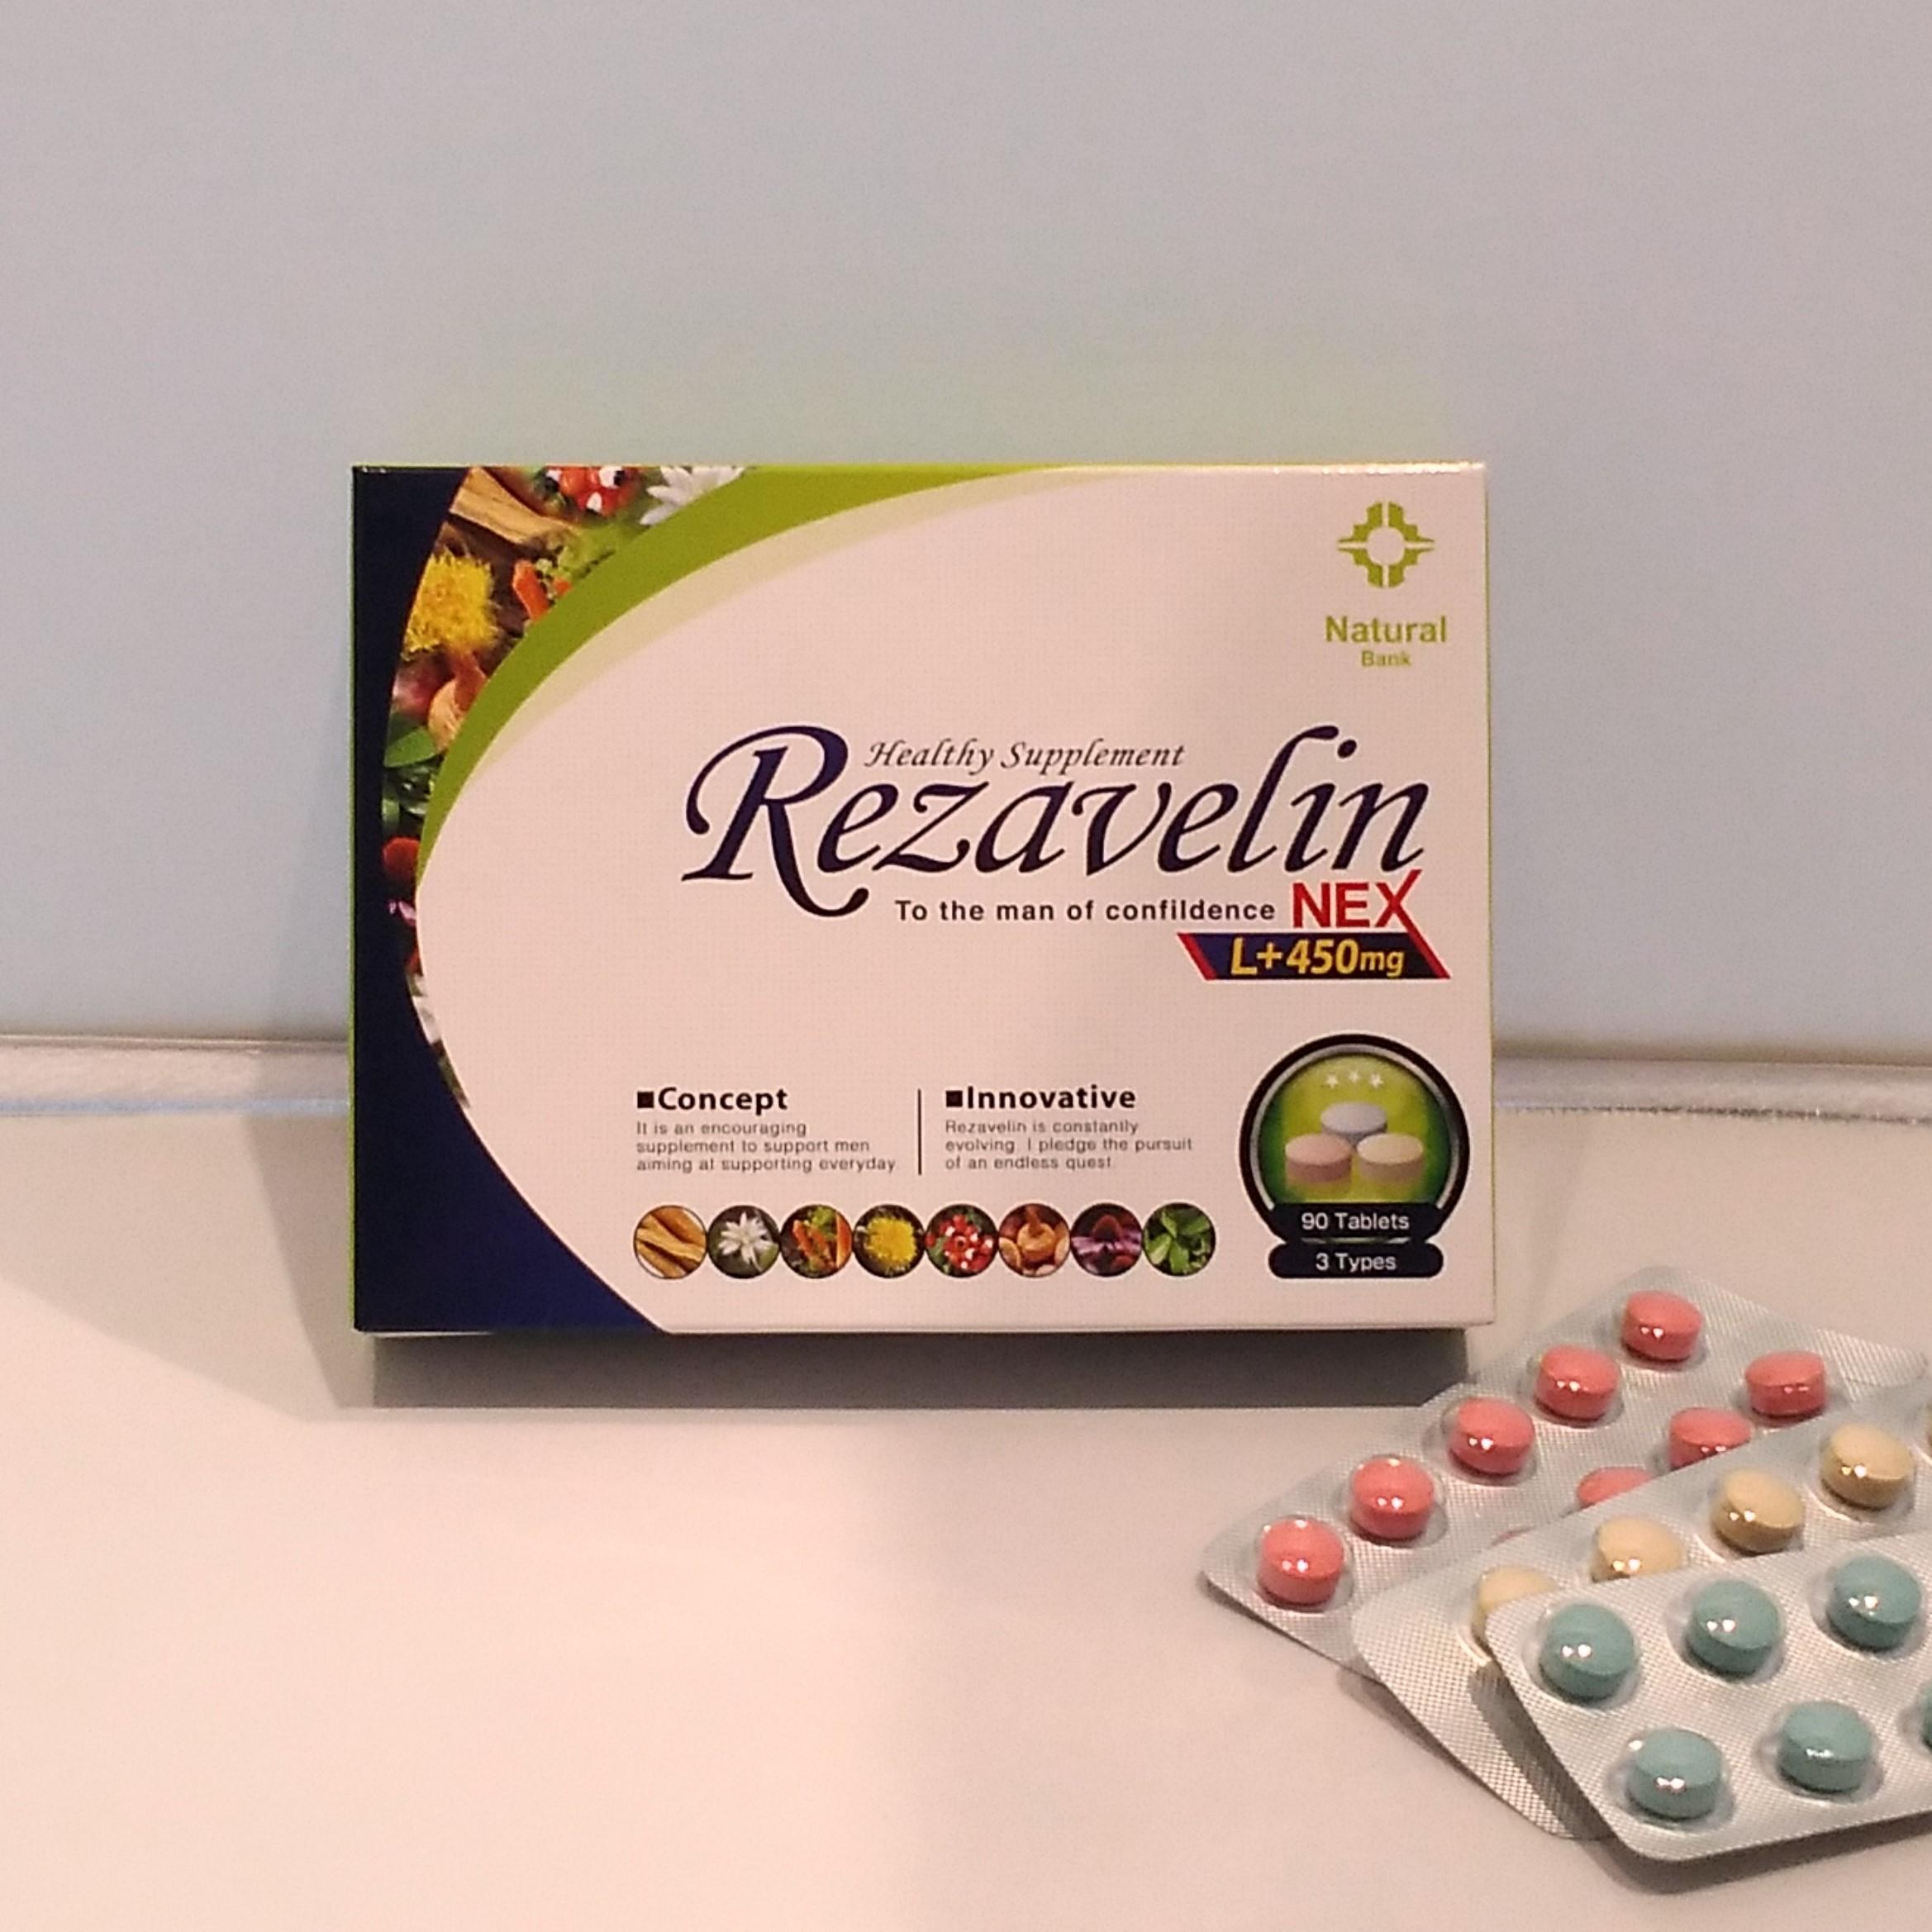 リザベリン(rezavelin)の評判・効果とは?6つの強みと3つの弱みを徹底解説!